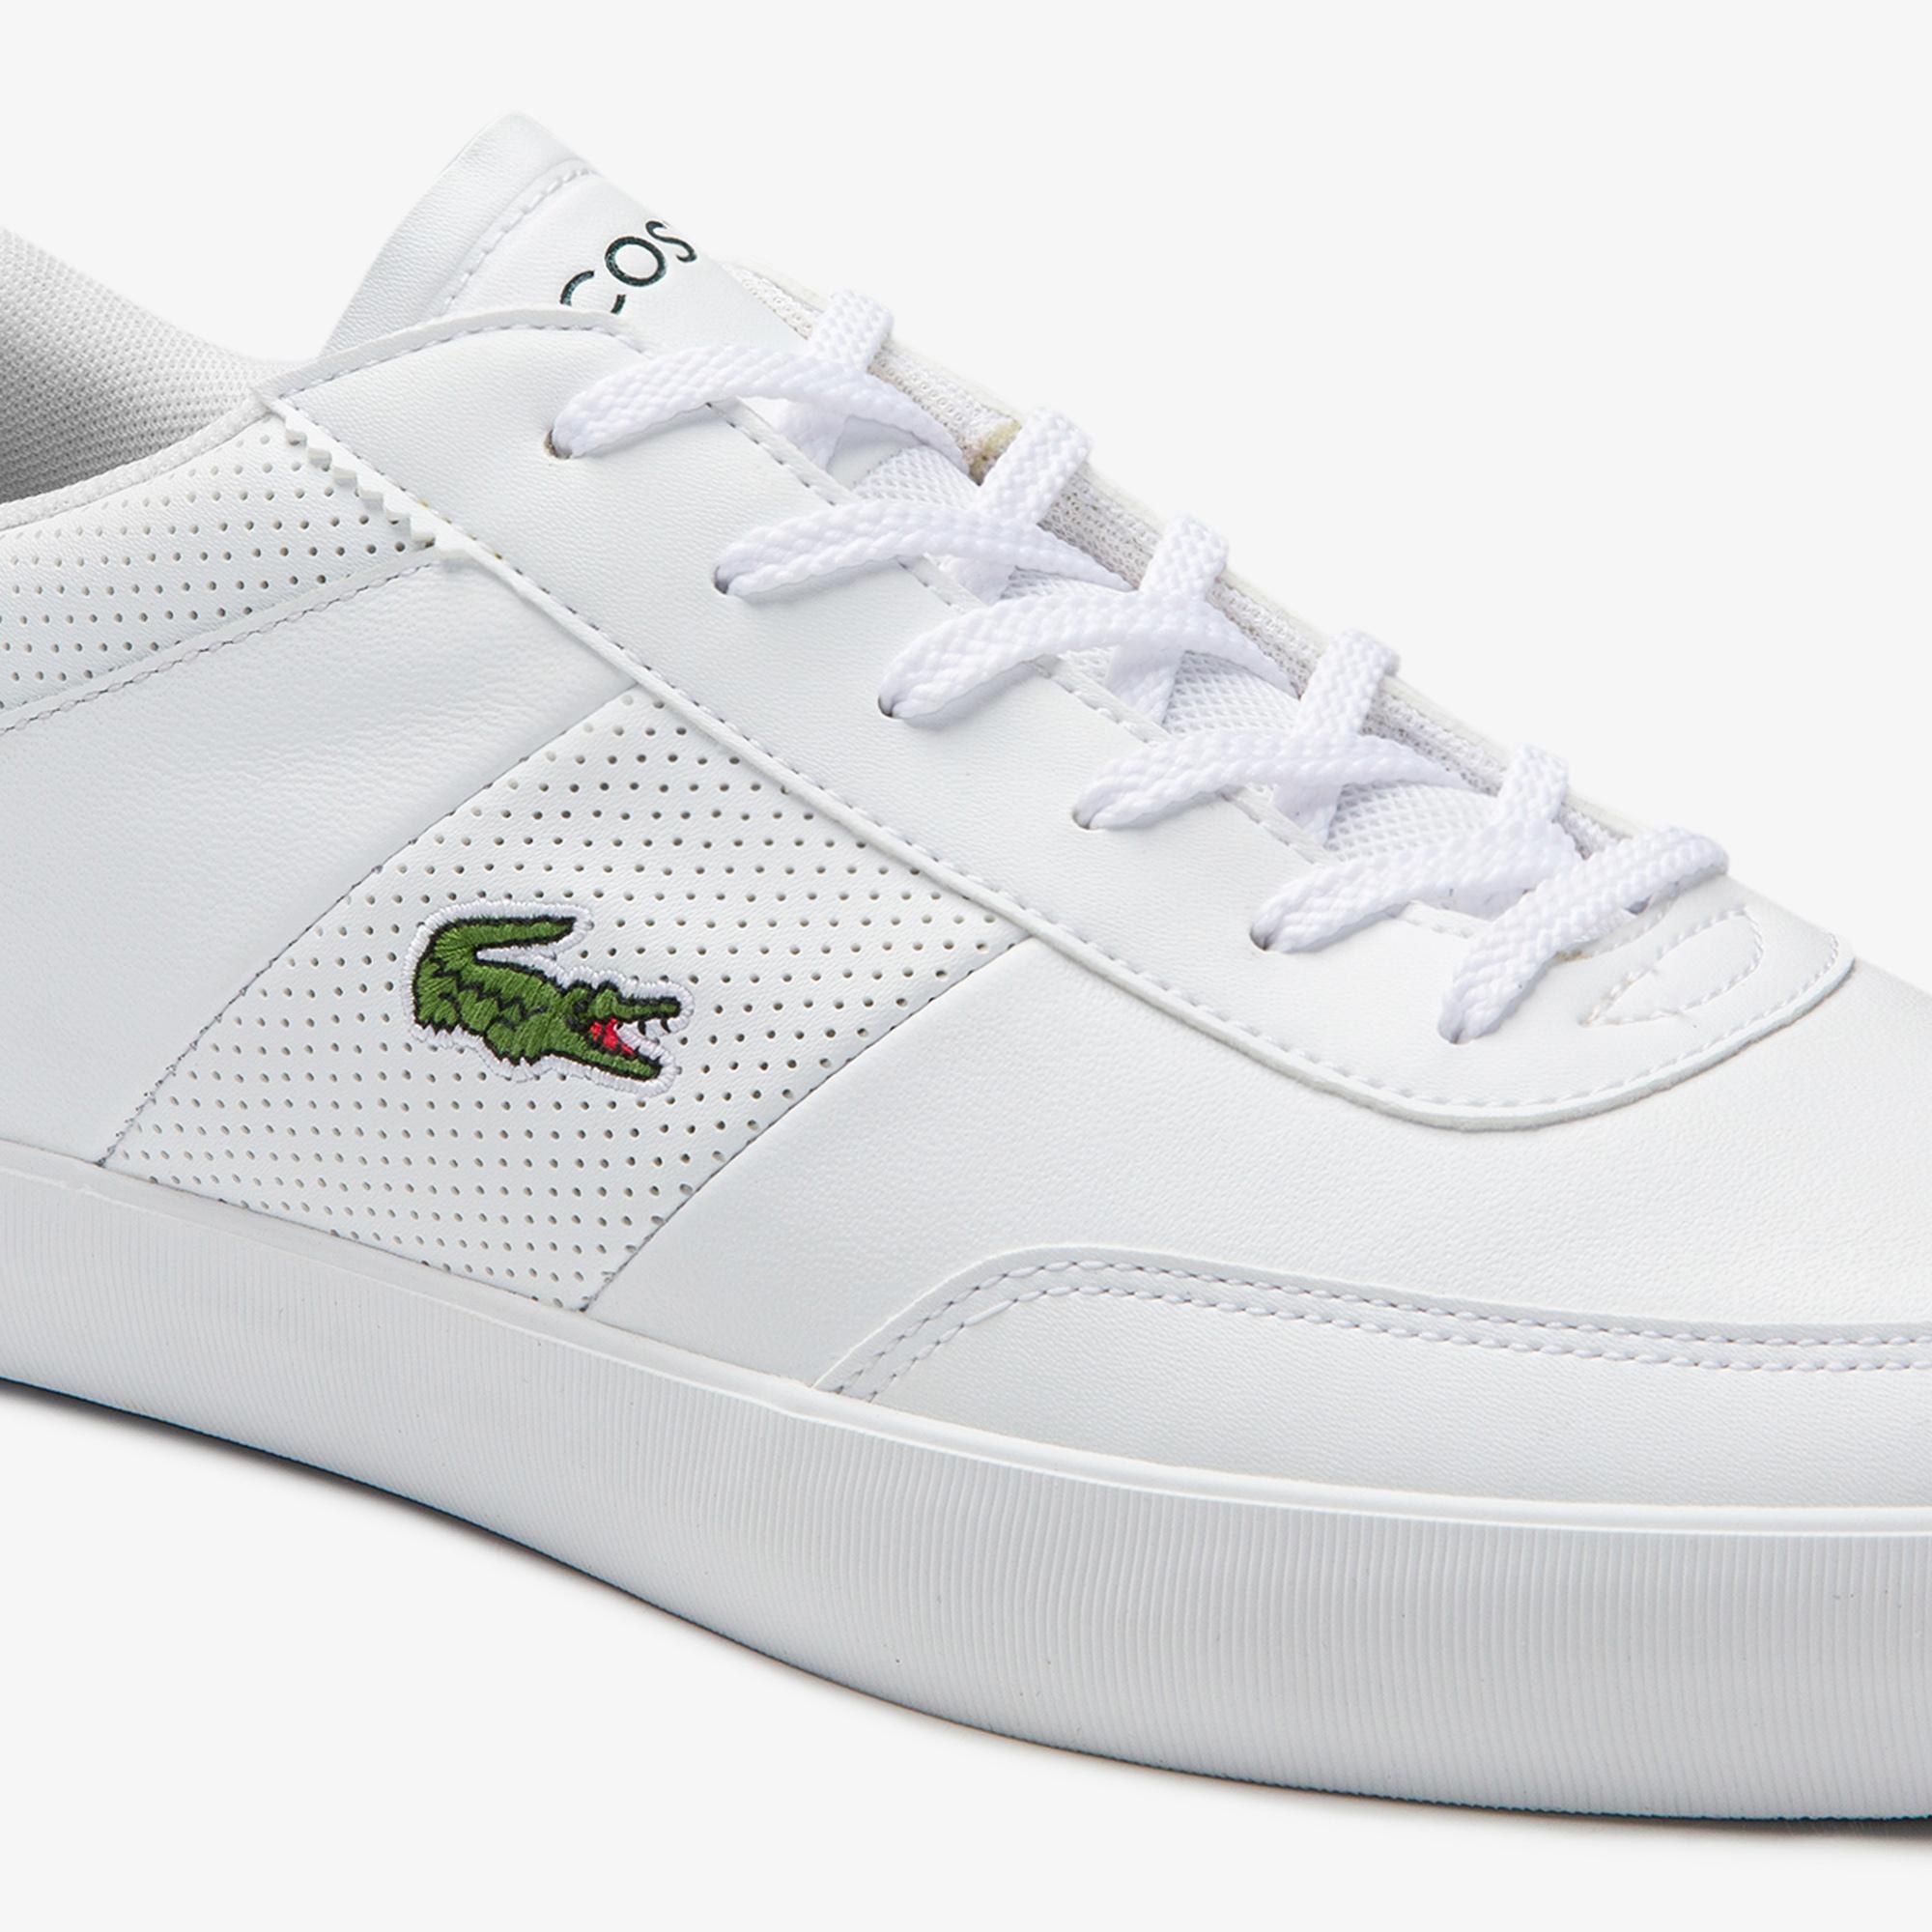 Lacoste Court-Master 0120 1 Cma Erkek Deri Beyaz Sneaker